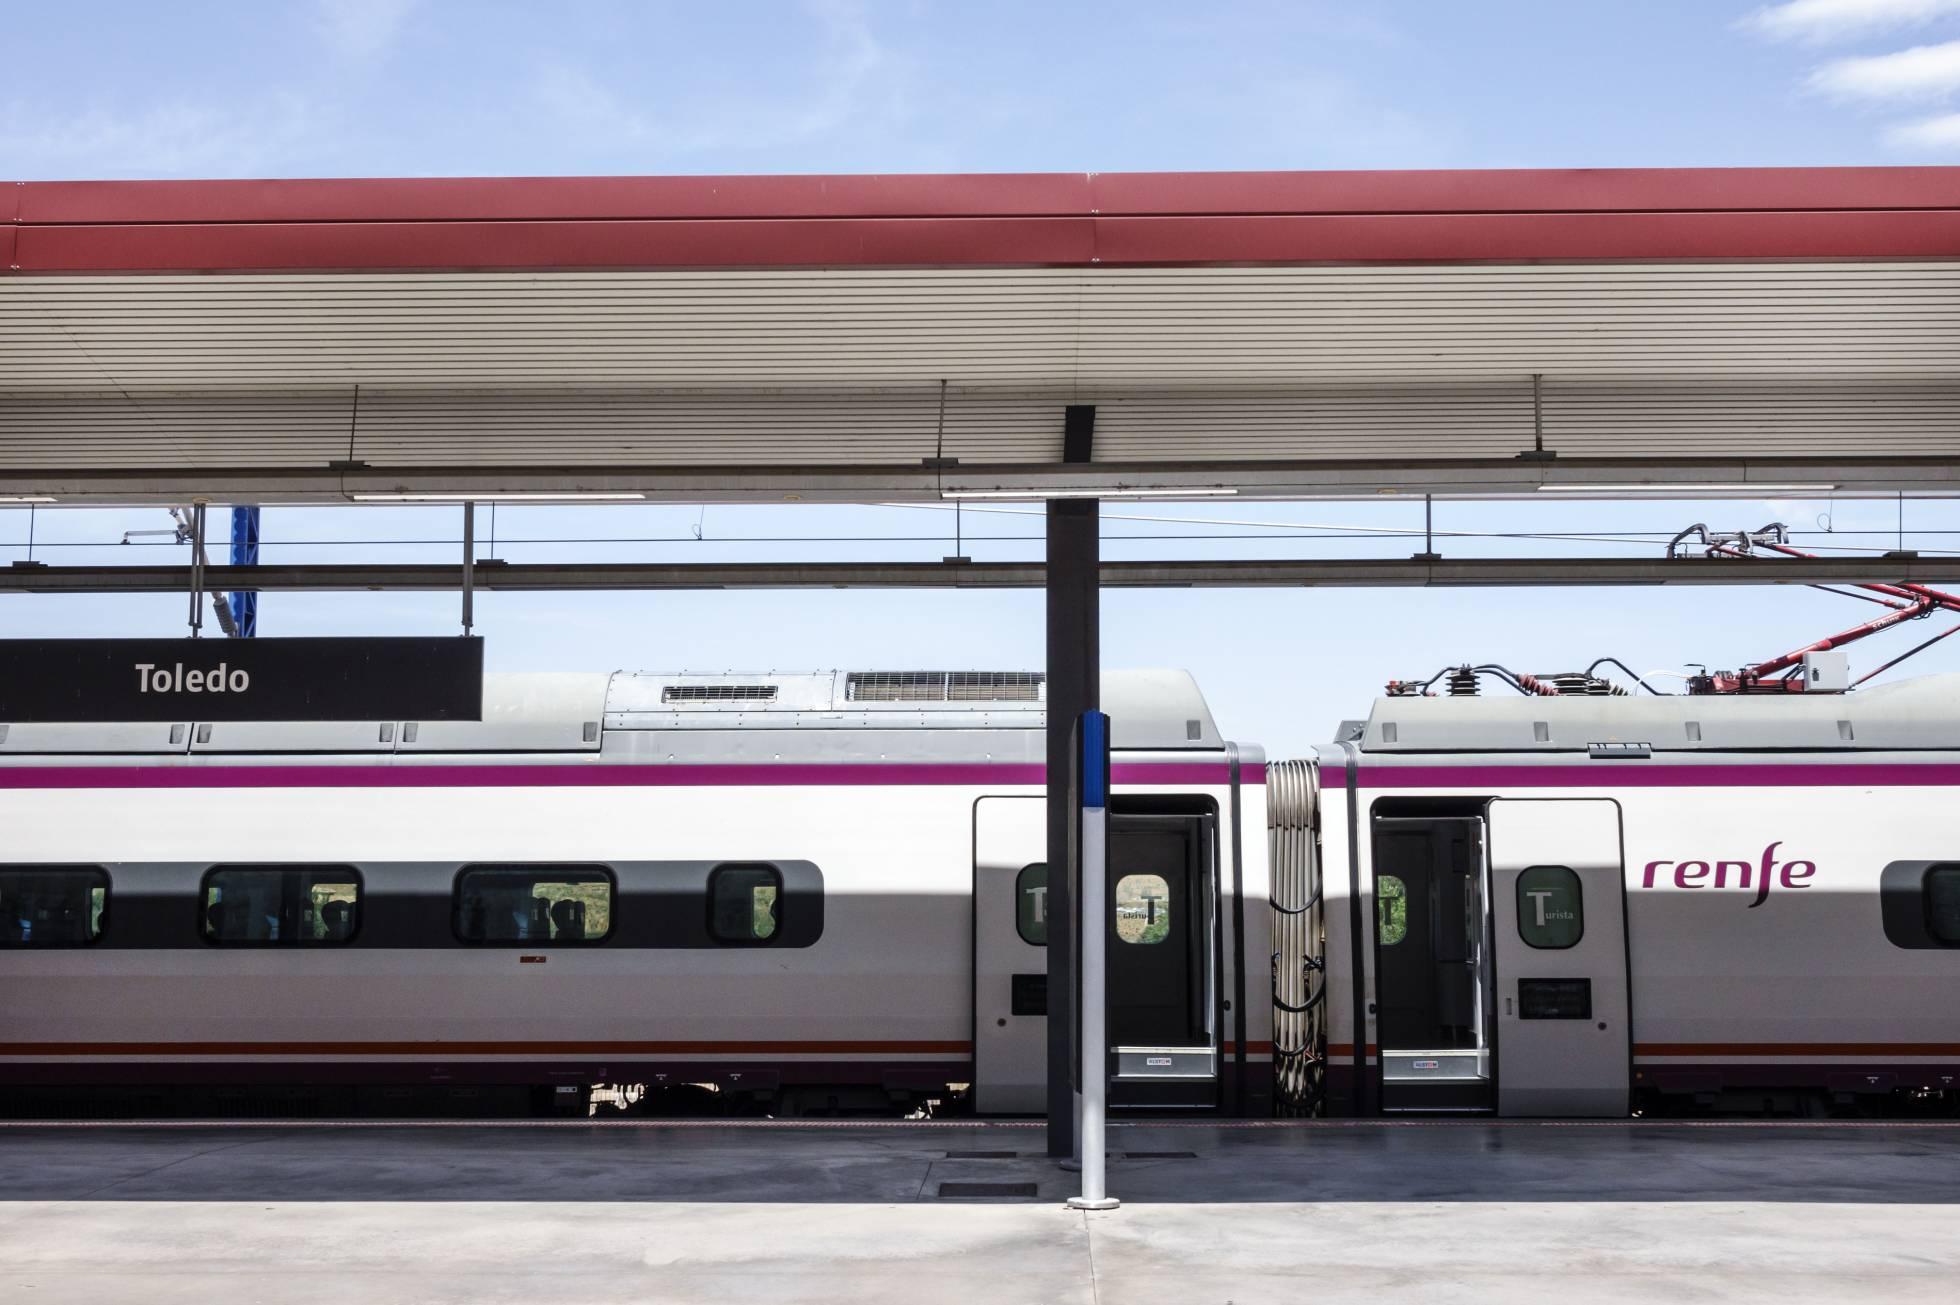 Ave en la estación de Toledo